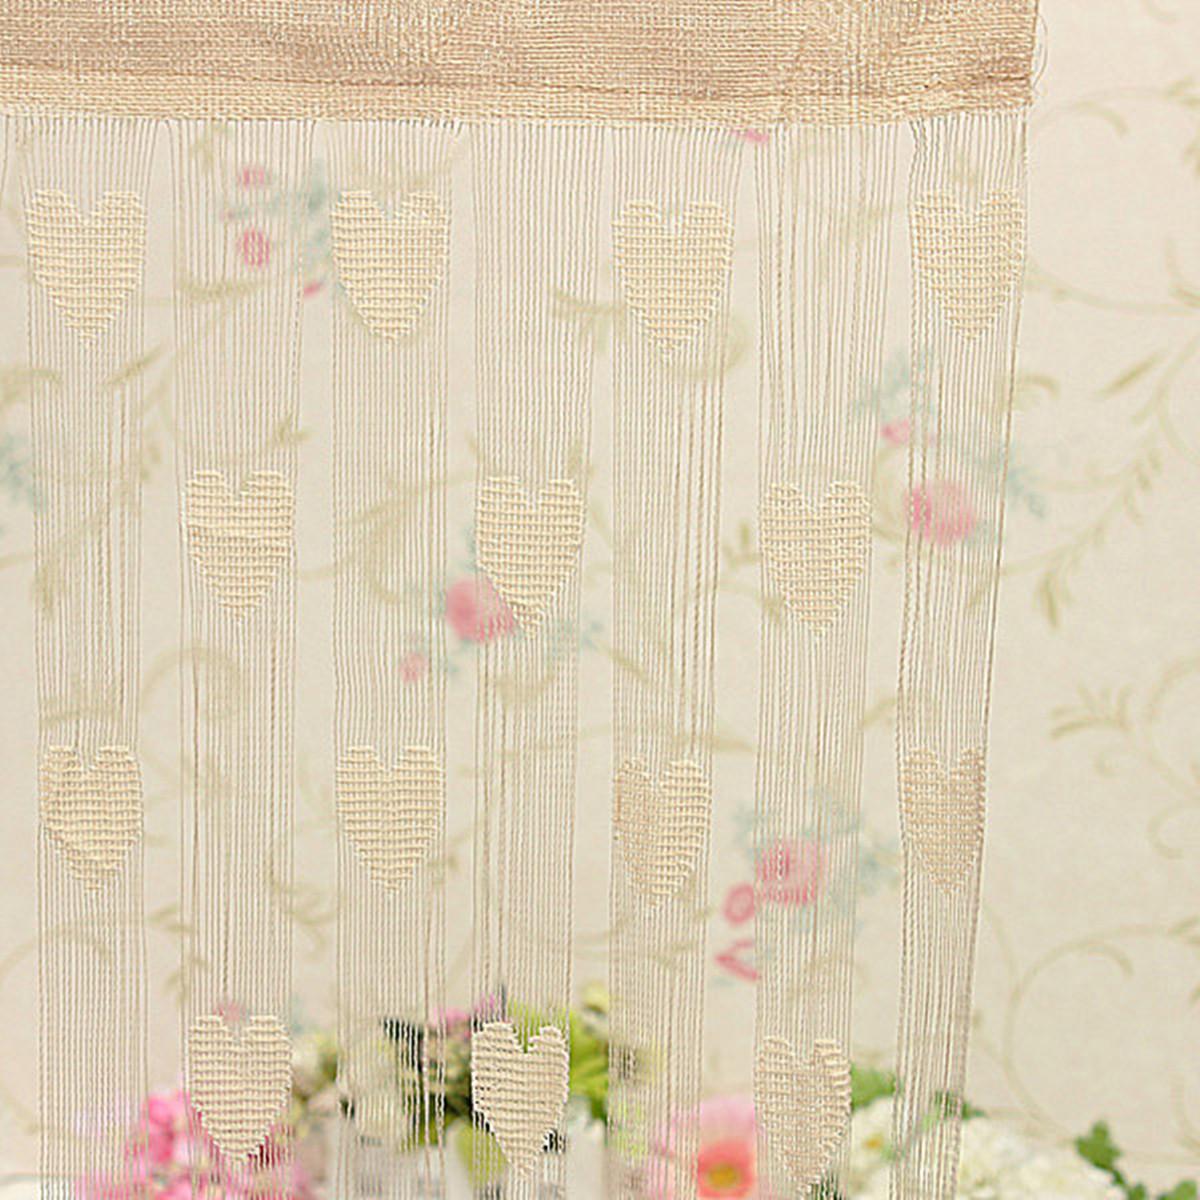 rideau fils fil voilage porte fen tre mod le coeur curtain d cor 200x100cm ebay. Black Bedroom Furniture Sets. Home Design Ideas